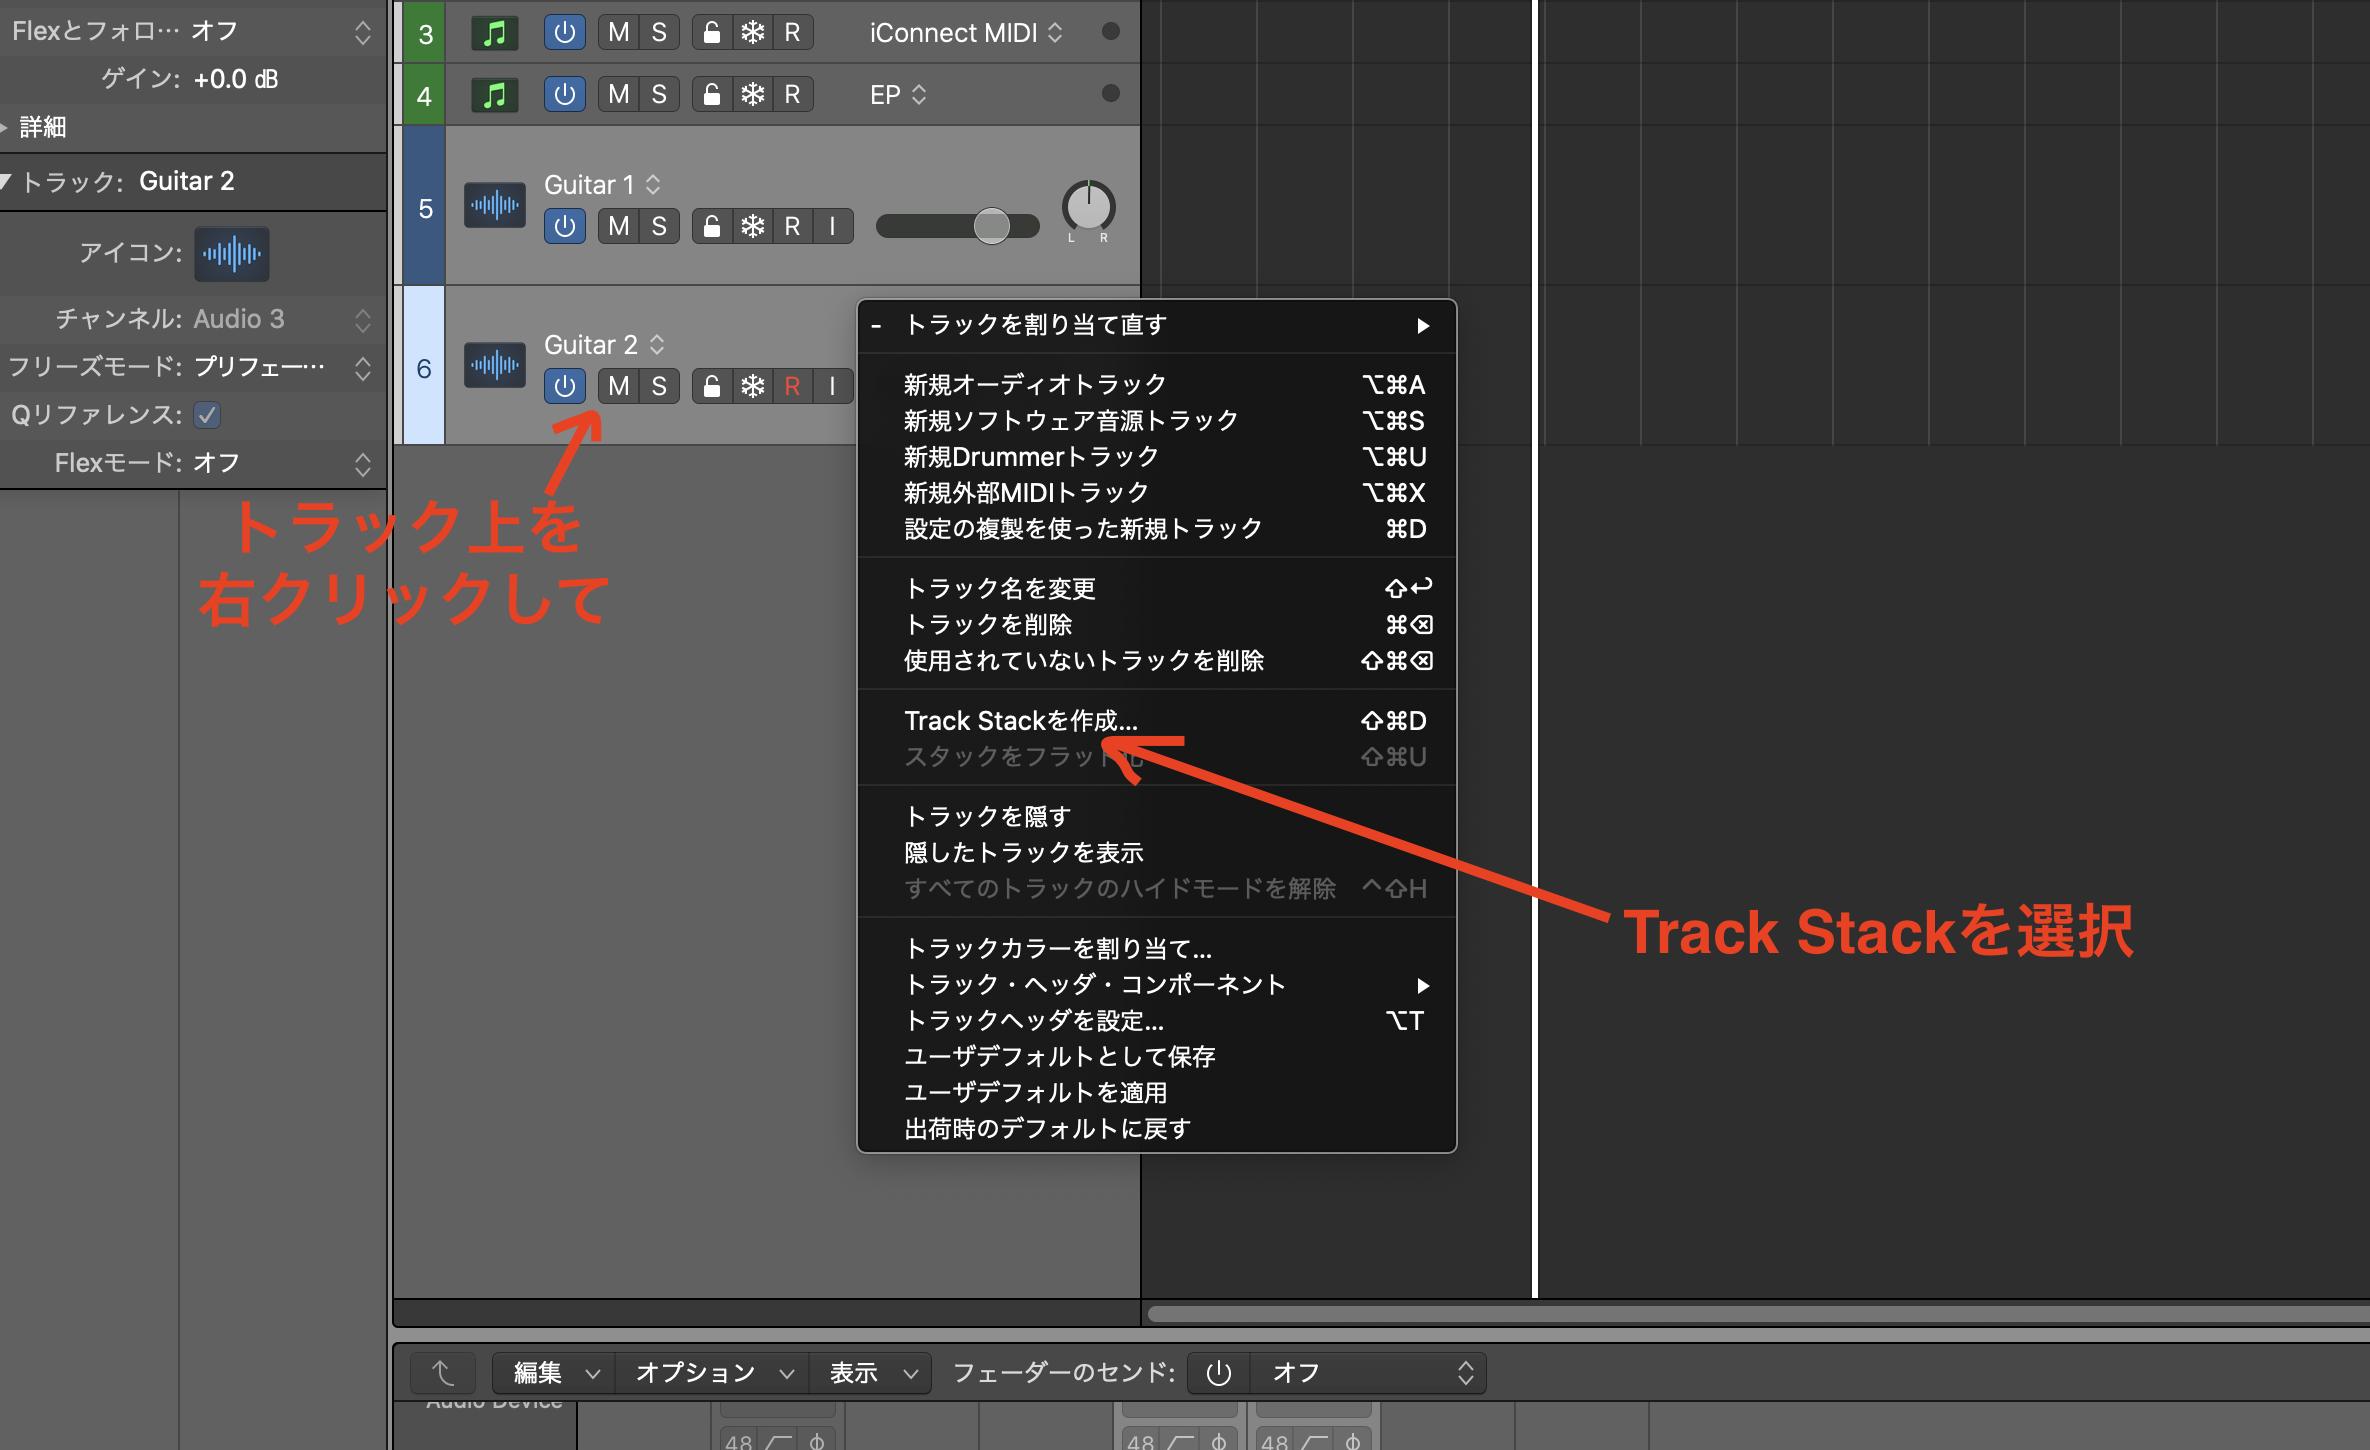 Logic|Track Stack を選択